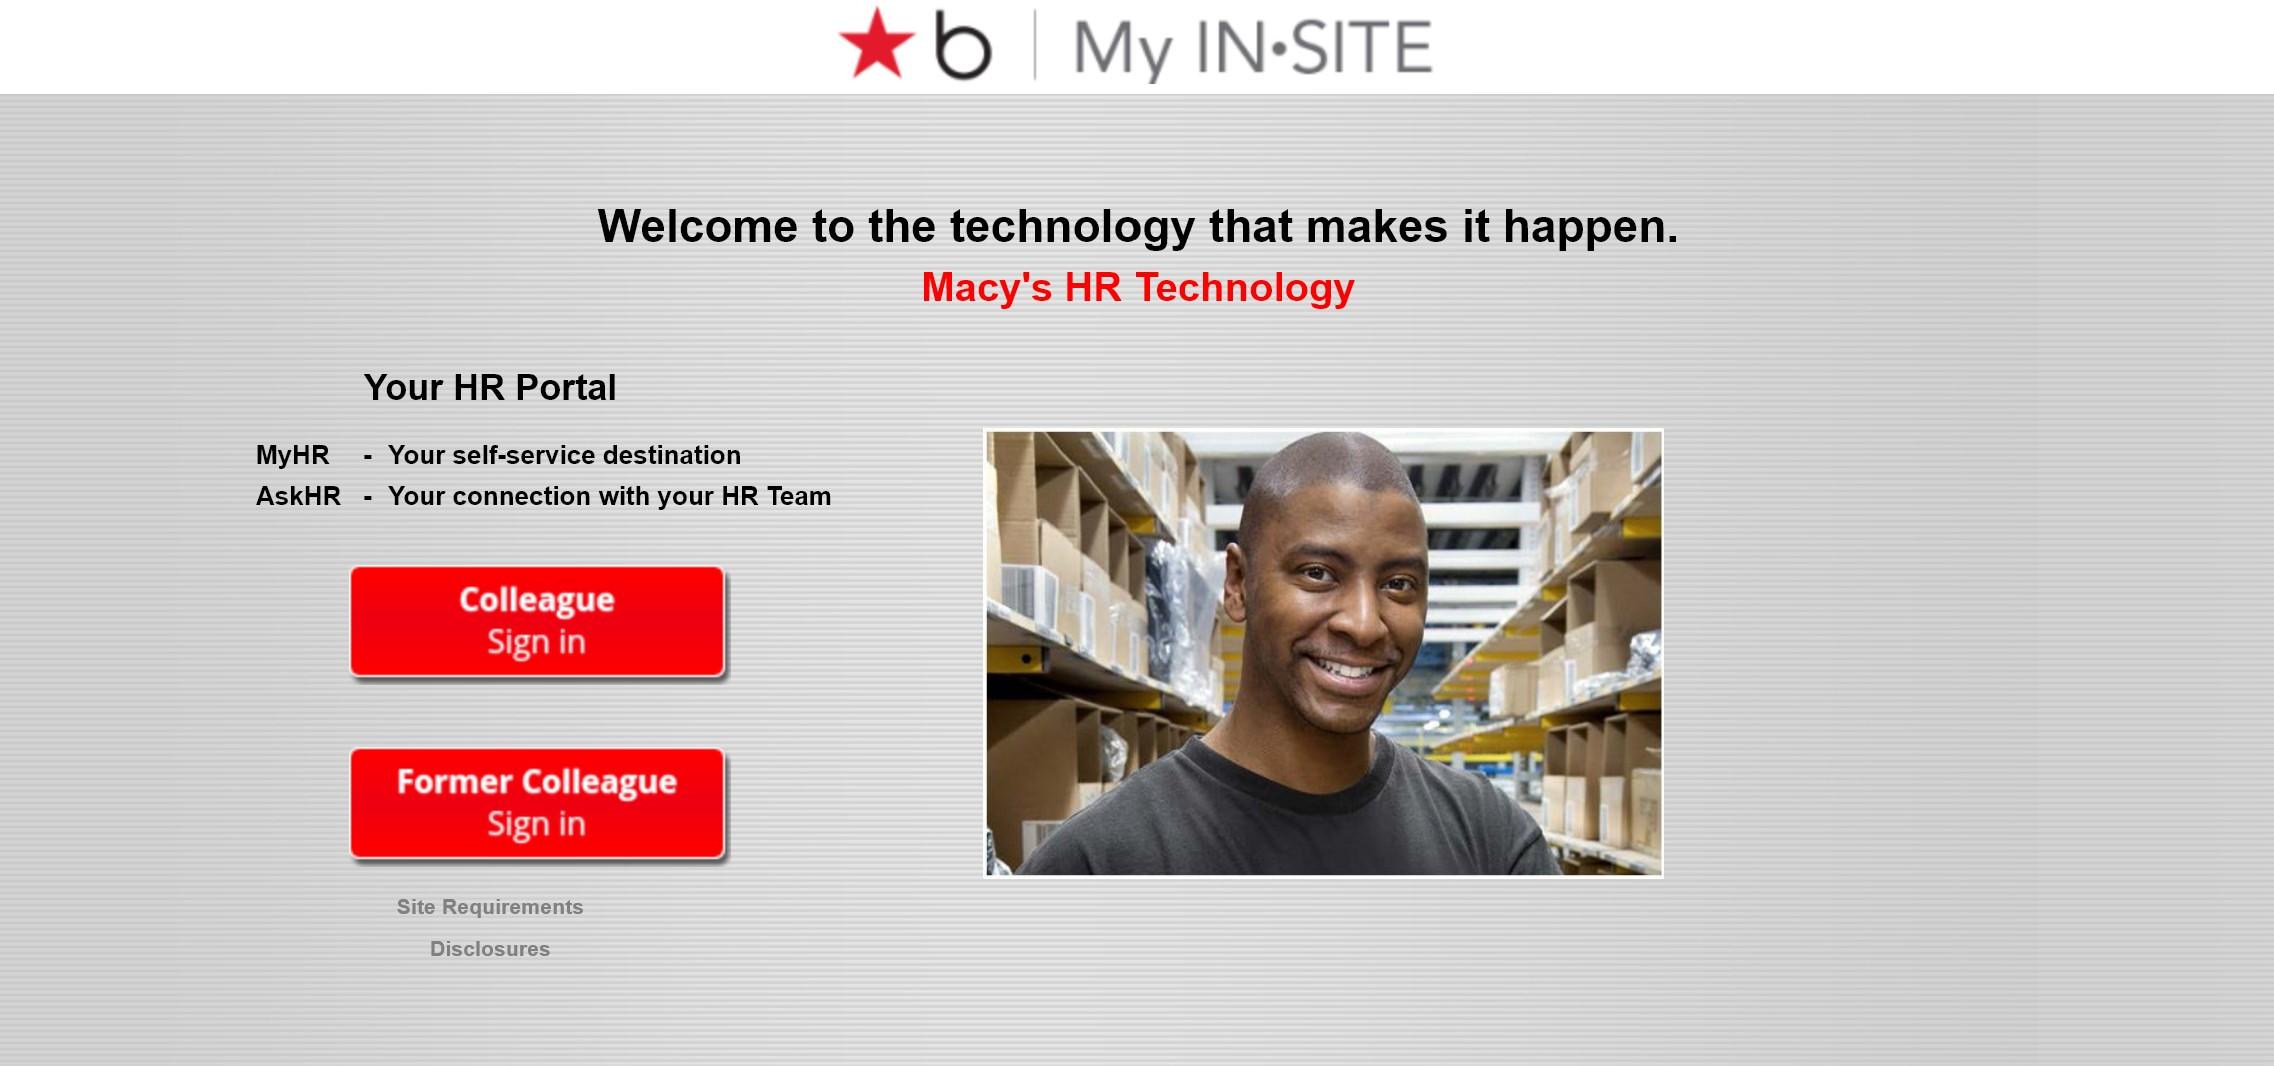 Macy's Insite: Macy's Employee Connection Login - www.Macysinsite.com